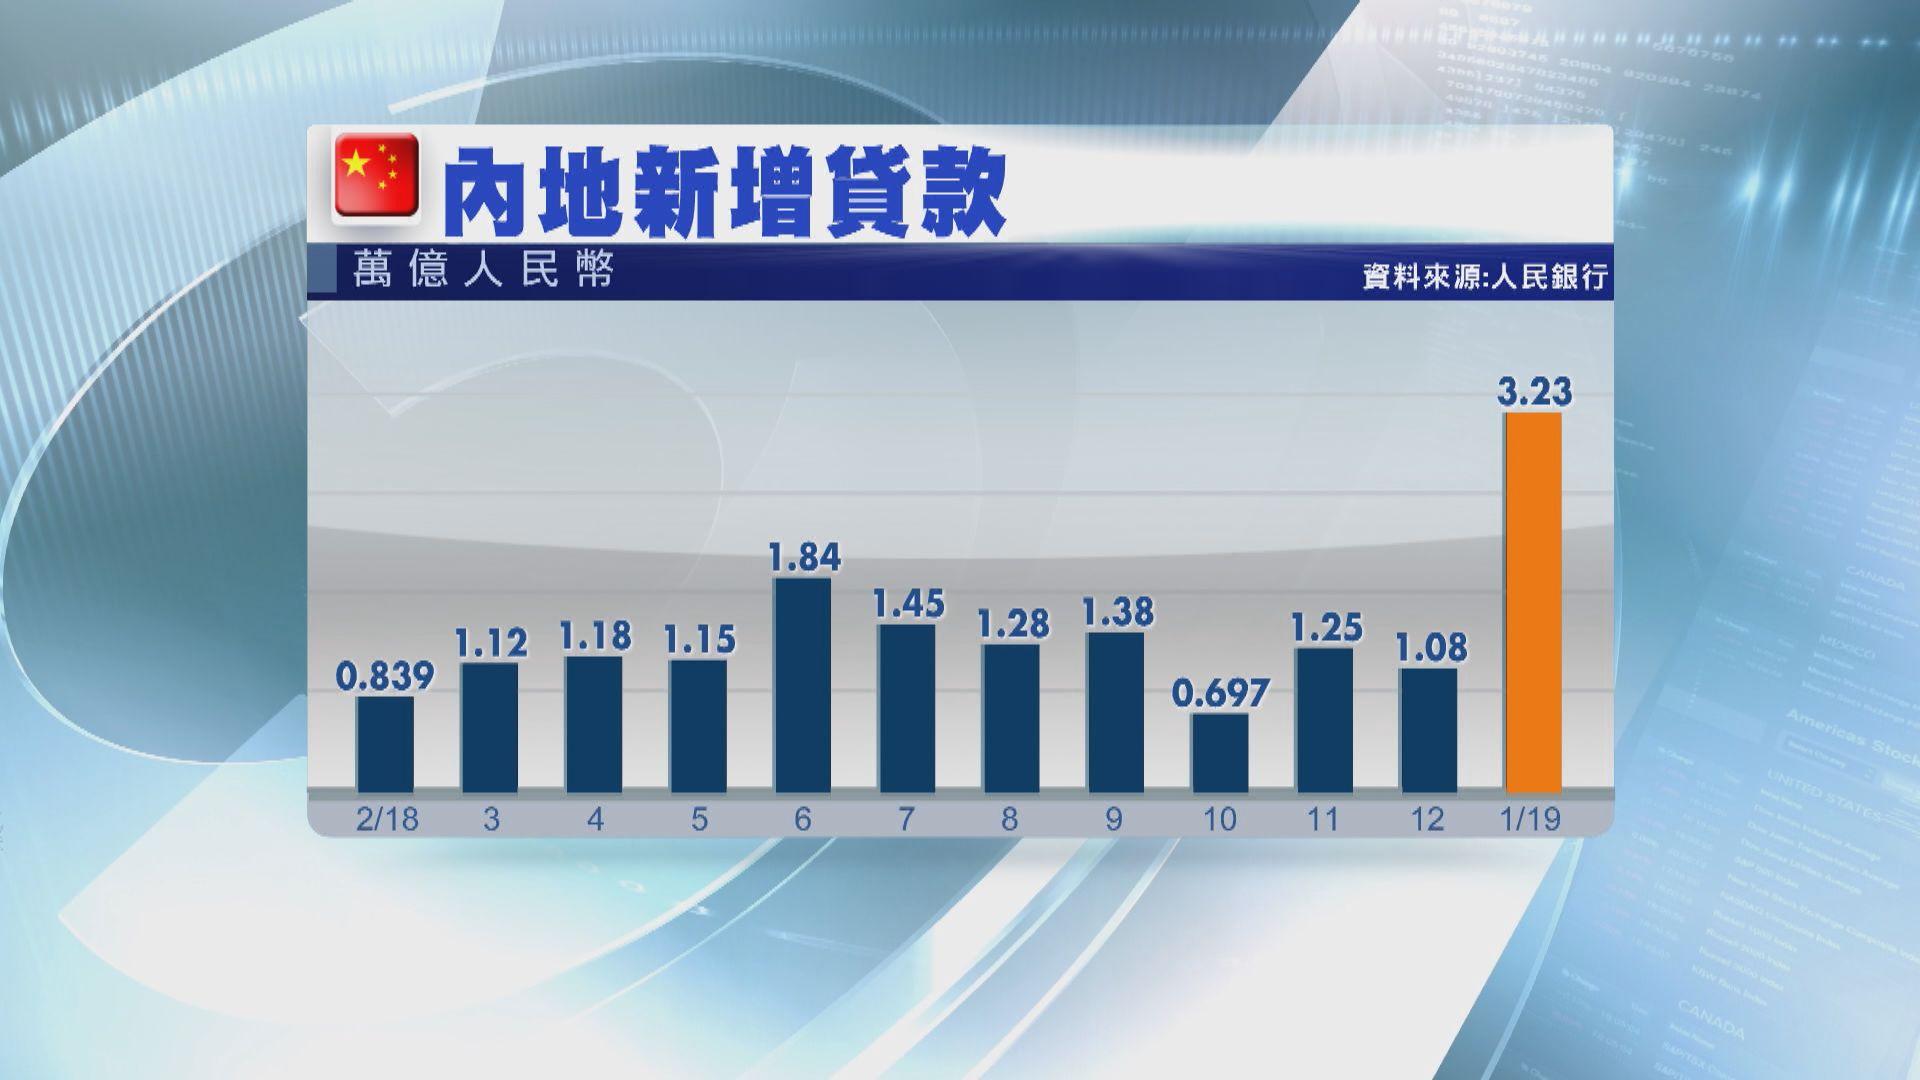 【創單月新高】內地1月新增貸款3.23萬億